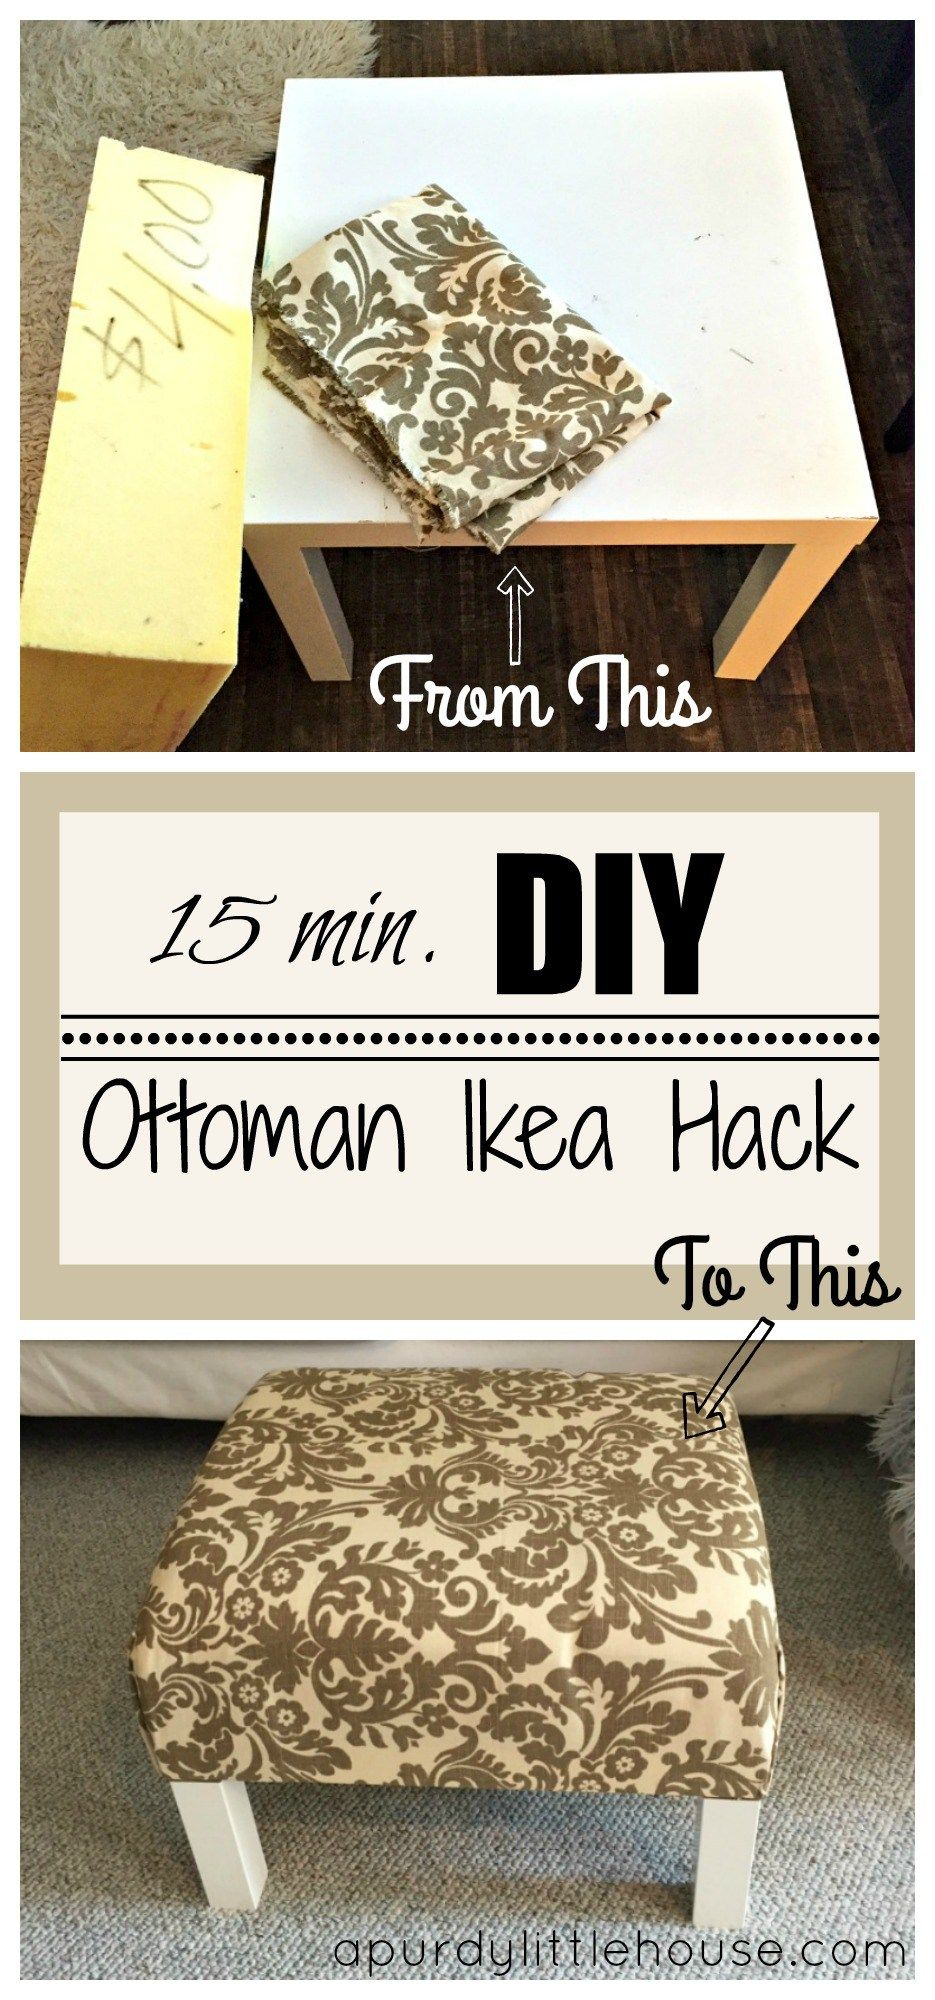 DIY Ottoman/Coffee Table - Ikea Hack | Mesas de café, De cafe y Bancos